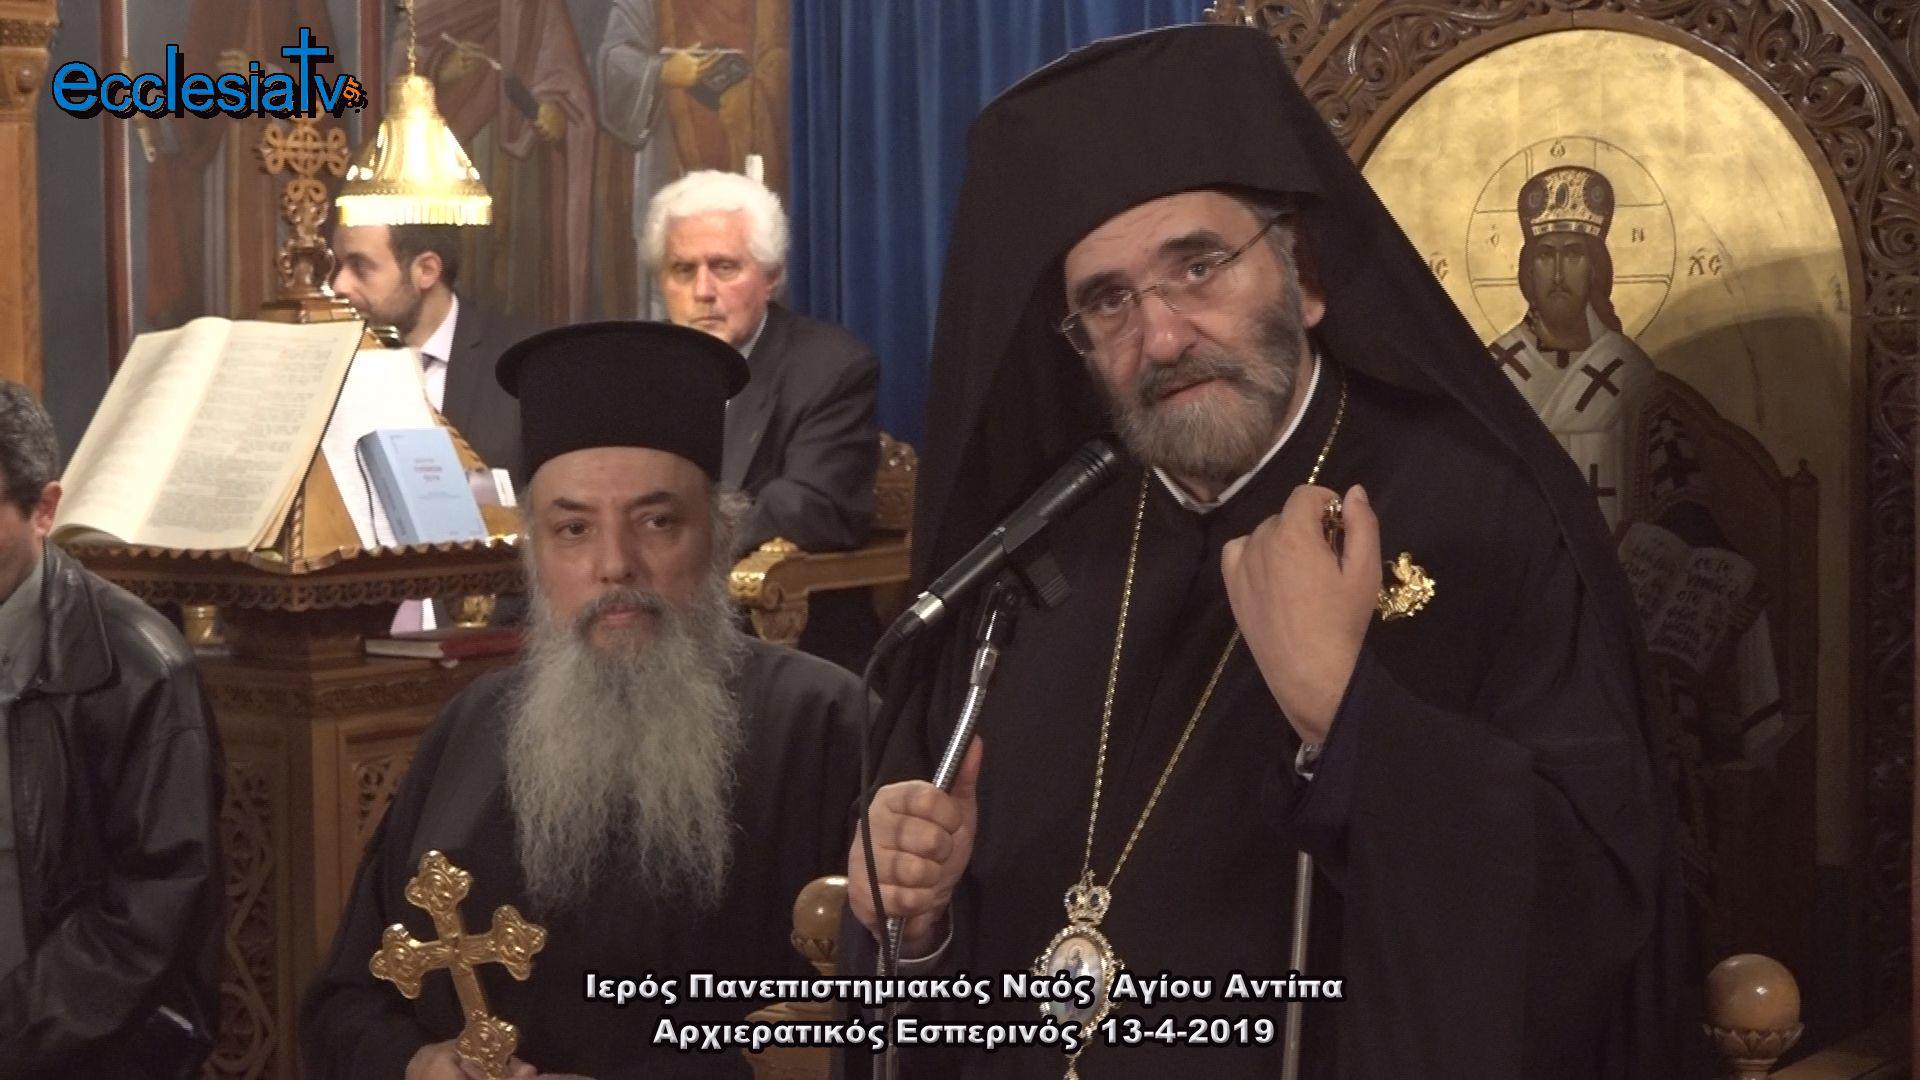 Ιερός Πανεπιστημιακός Ναός Αγίου Αντίπα Πανηγυρικός Αρχιερατικός Εσπερινός  13-4-2019